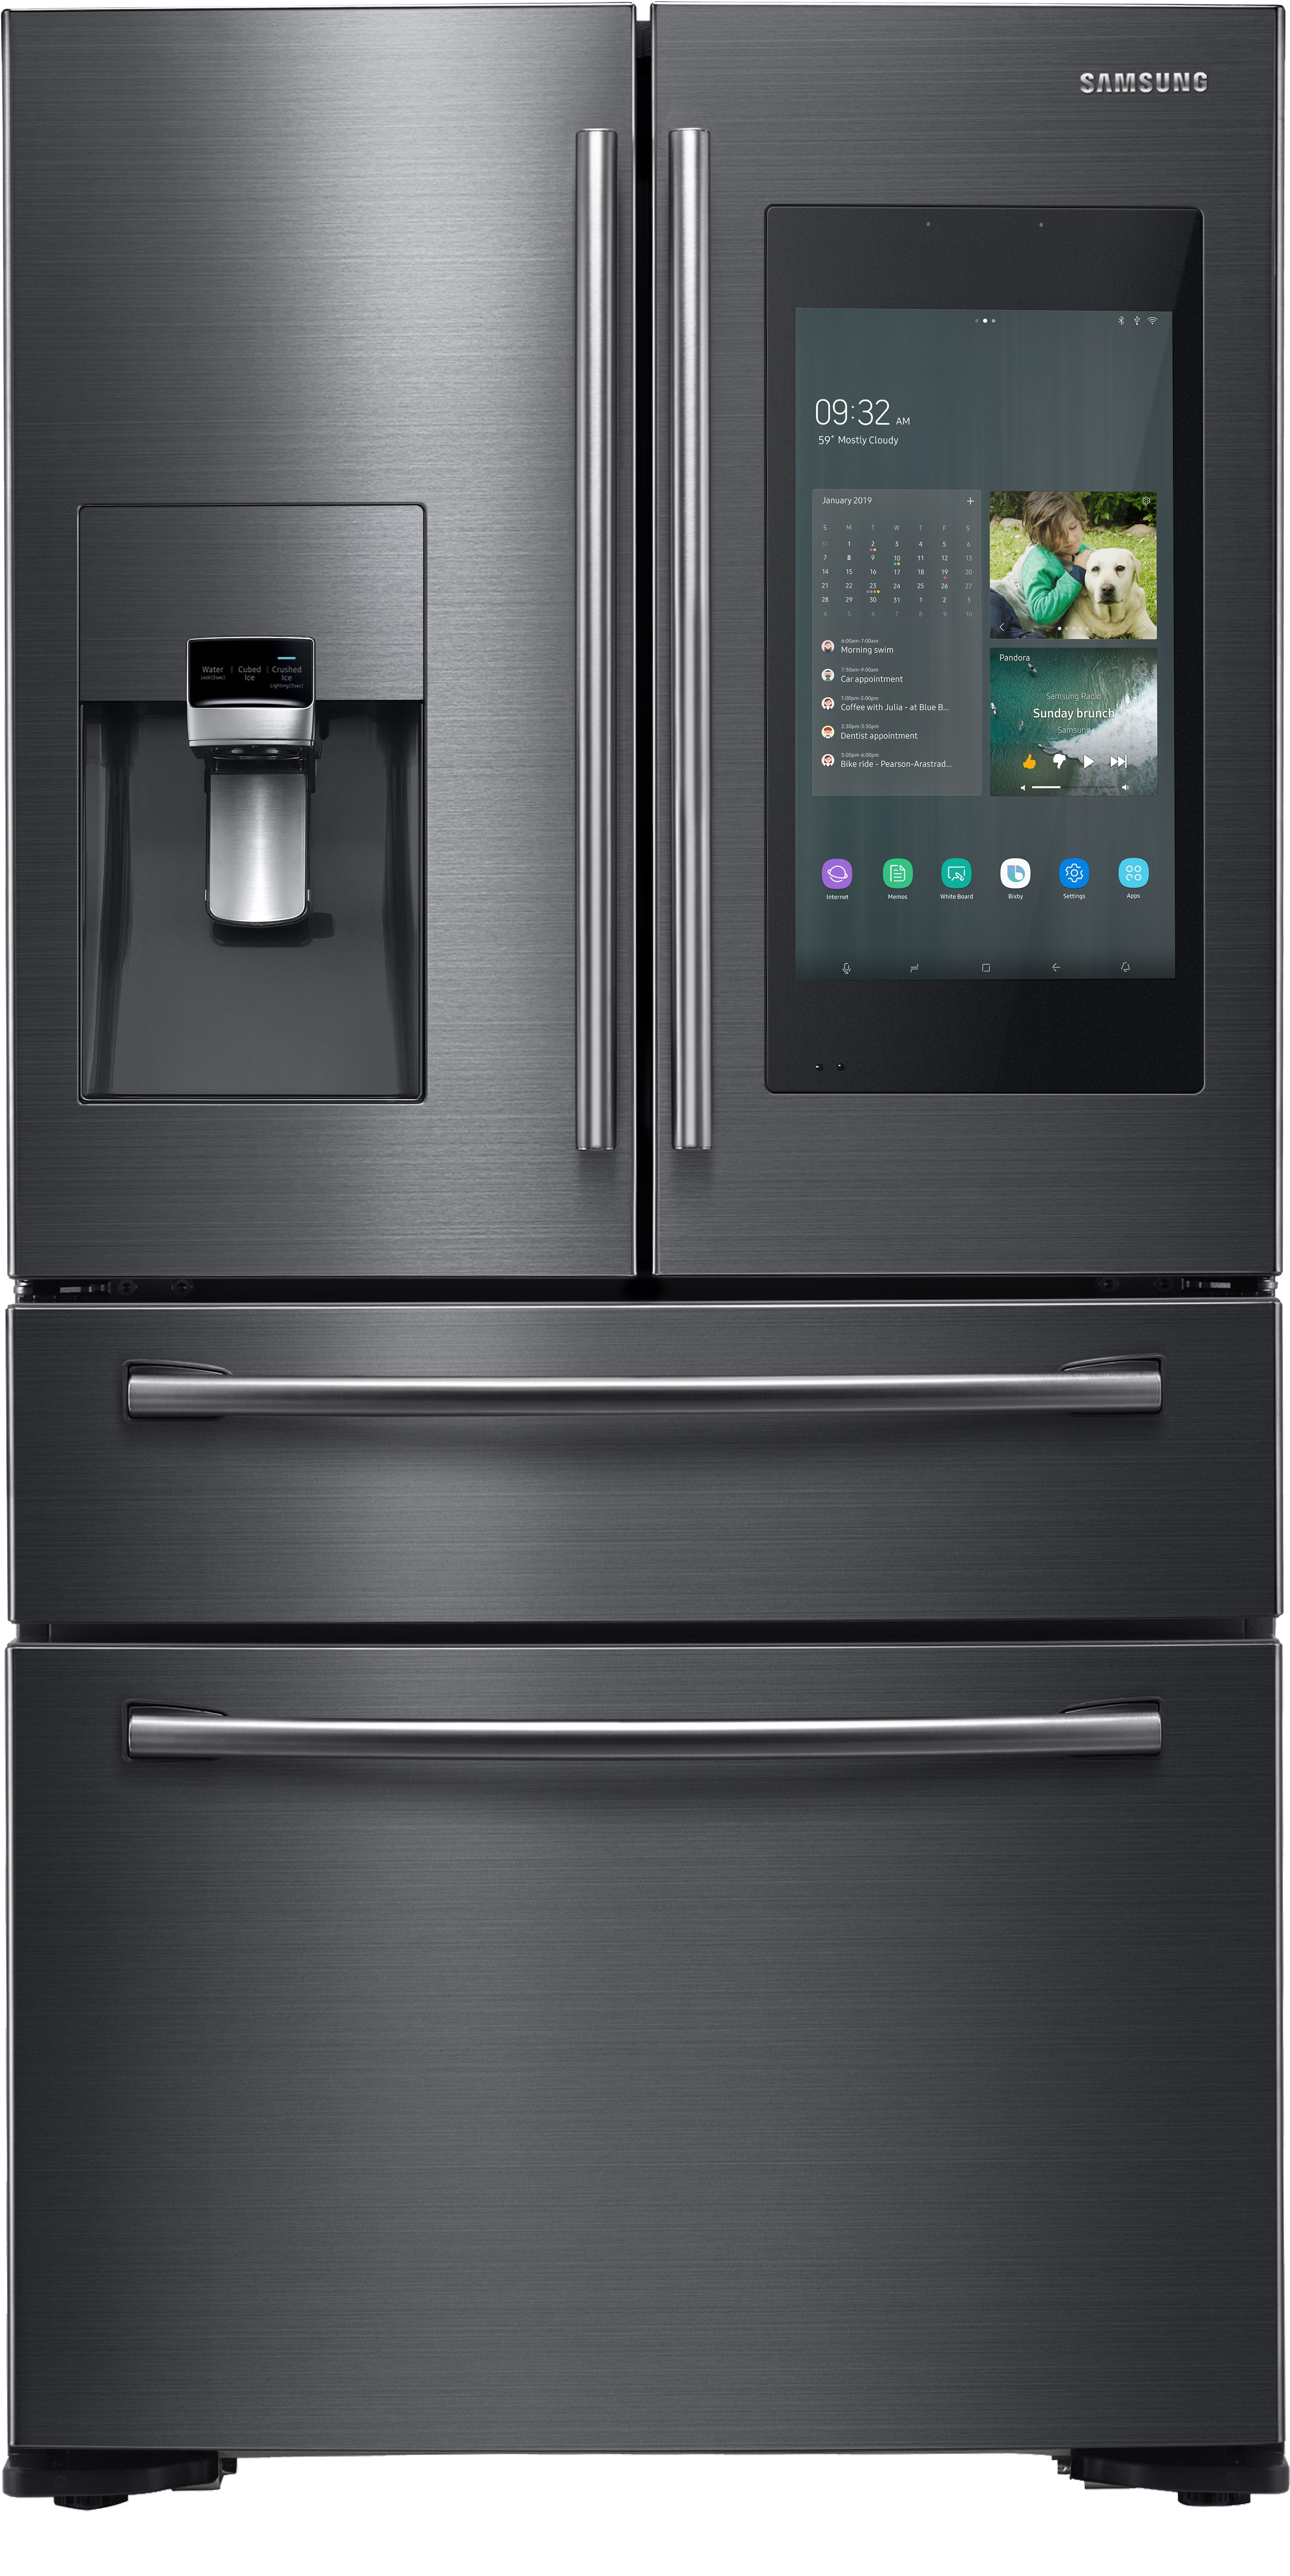 Samsung Updates Family Hub For Connected Samsung Wallpaper Samsung Kitchen Samsung Fridge Samsung Kitchen Appliances